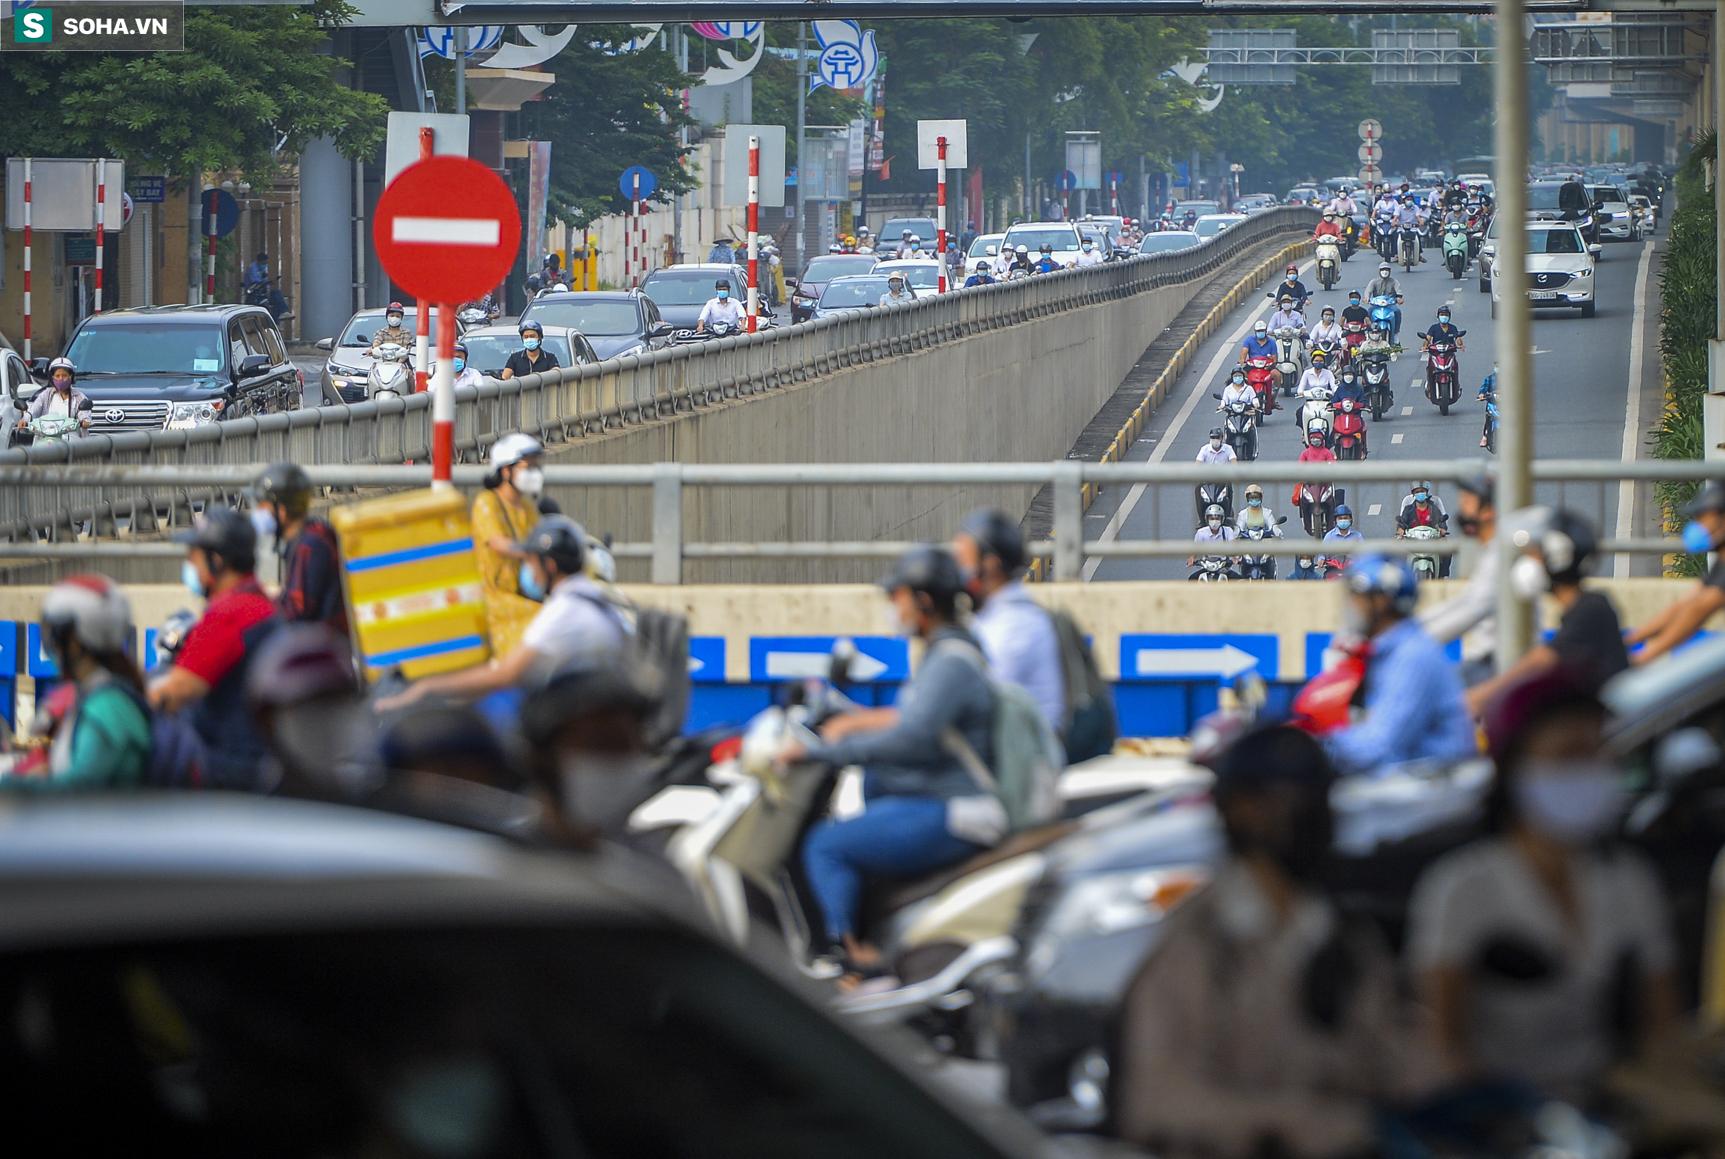 Ngày cuối giãn cách xã hội đợt 4, nhiều tuyến phố Hà Nội xe cộ tấp nập - Ảnh 10.